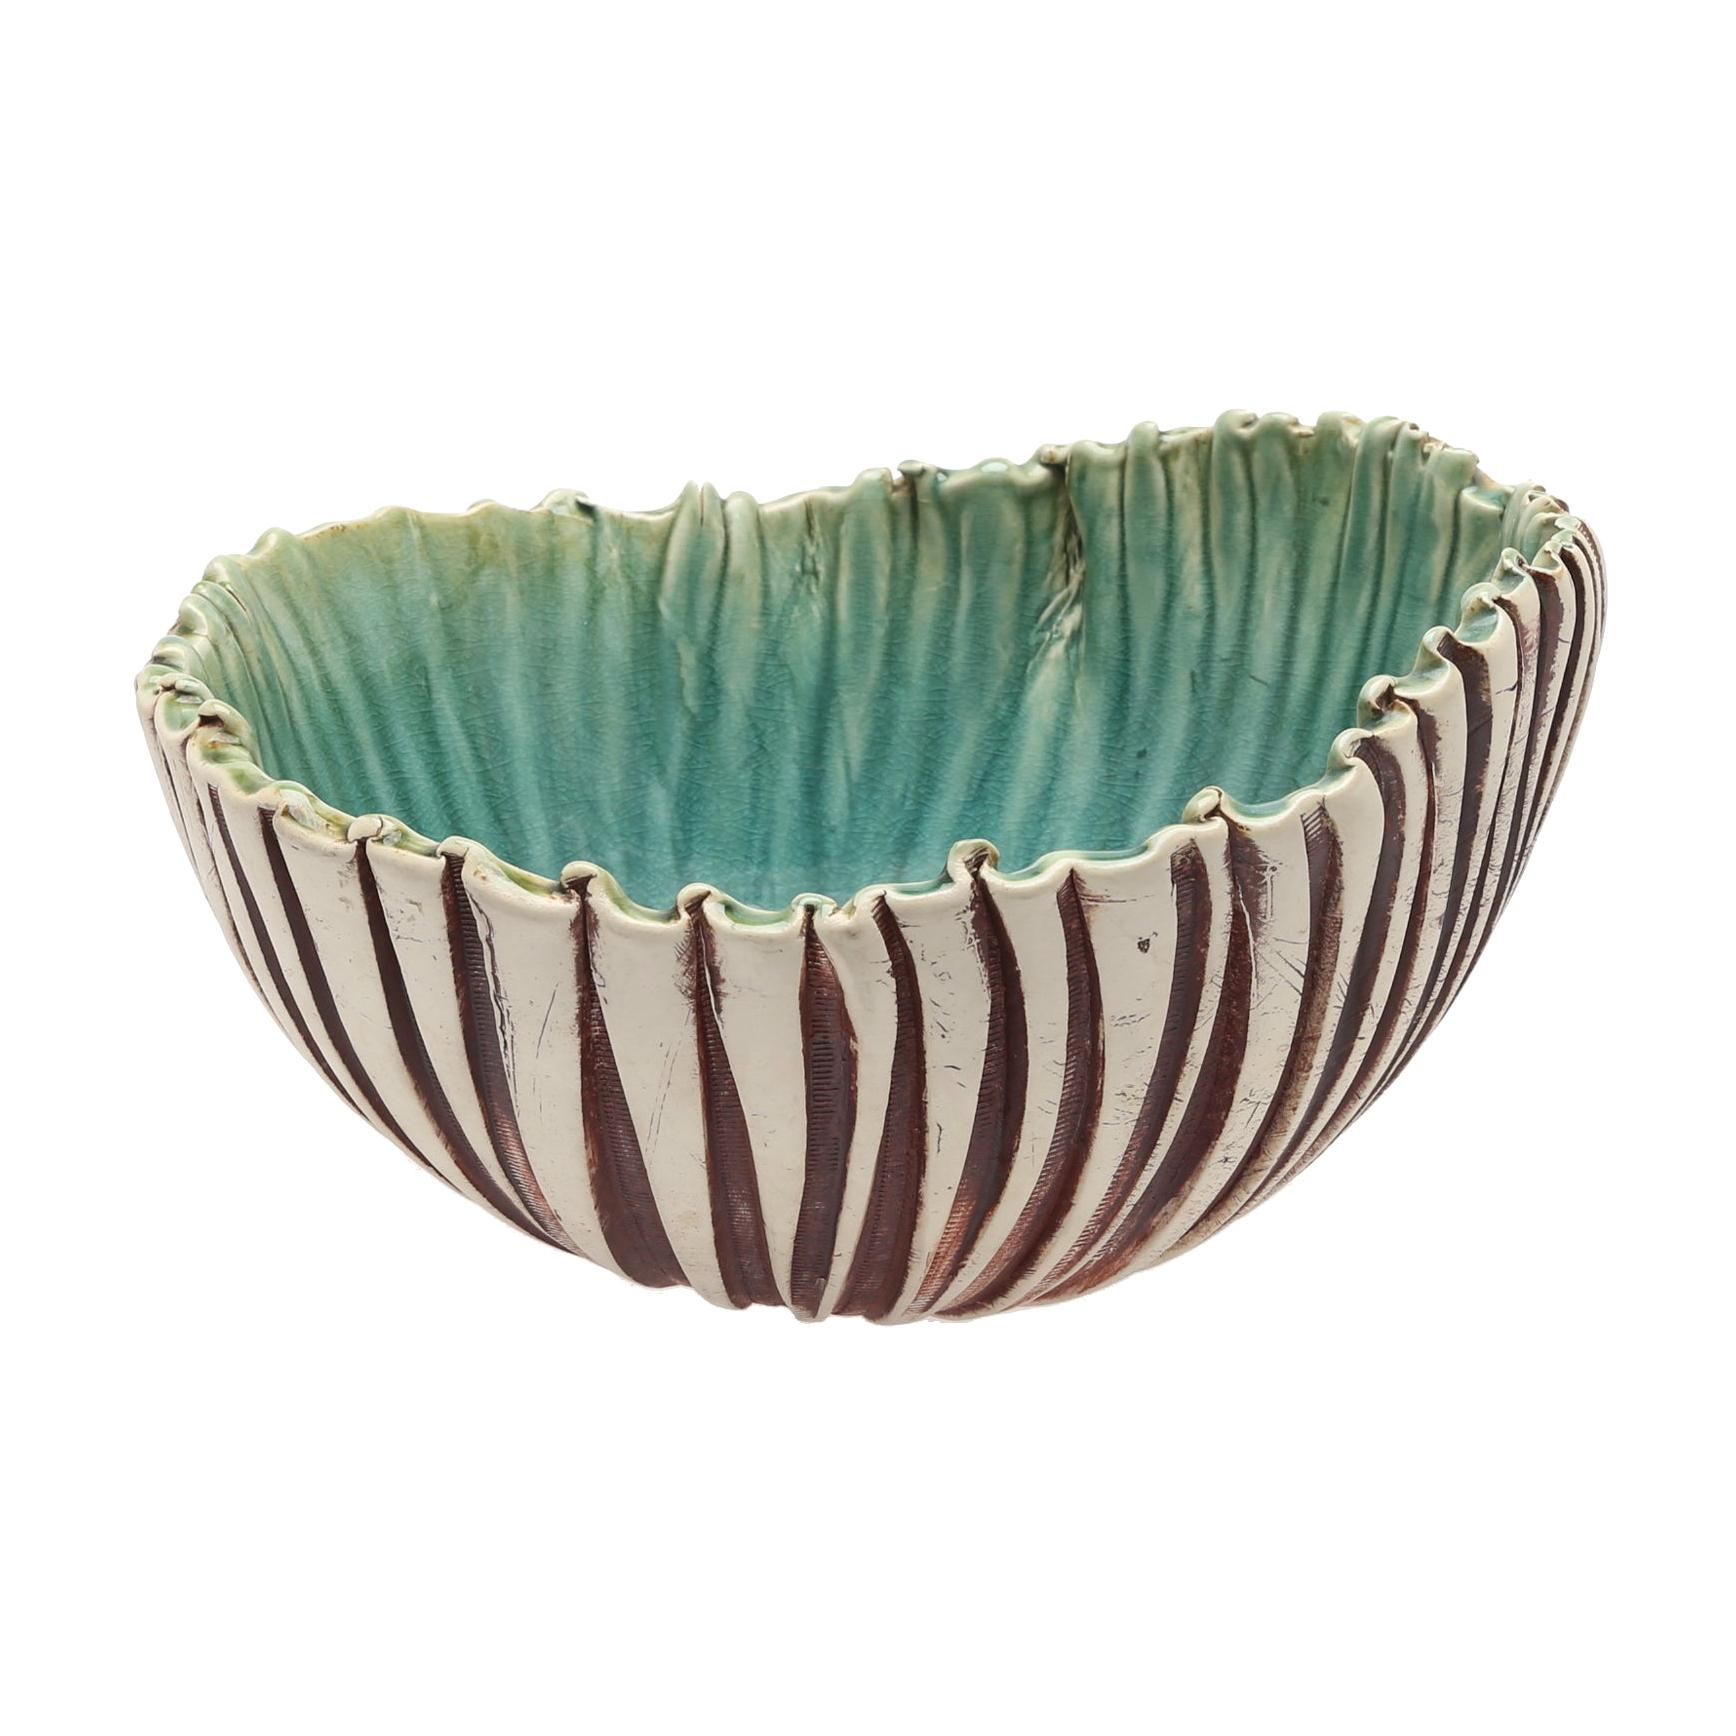 Scandinavian Modern Asymmetric Hand Built Bowl by Artist Bengt, Berglund